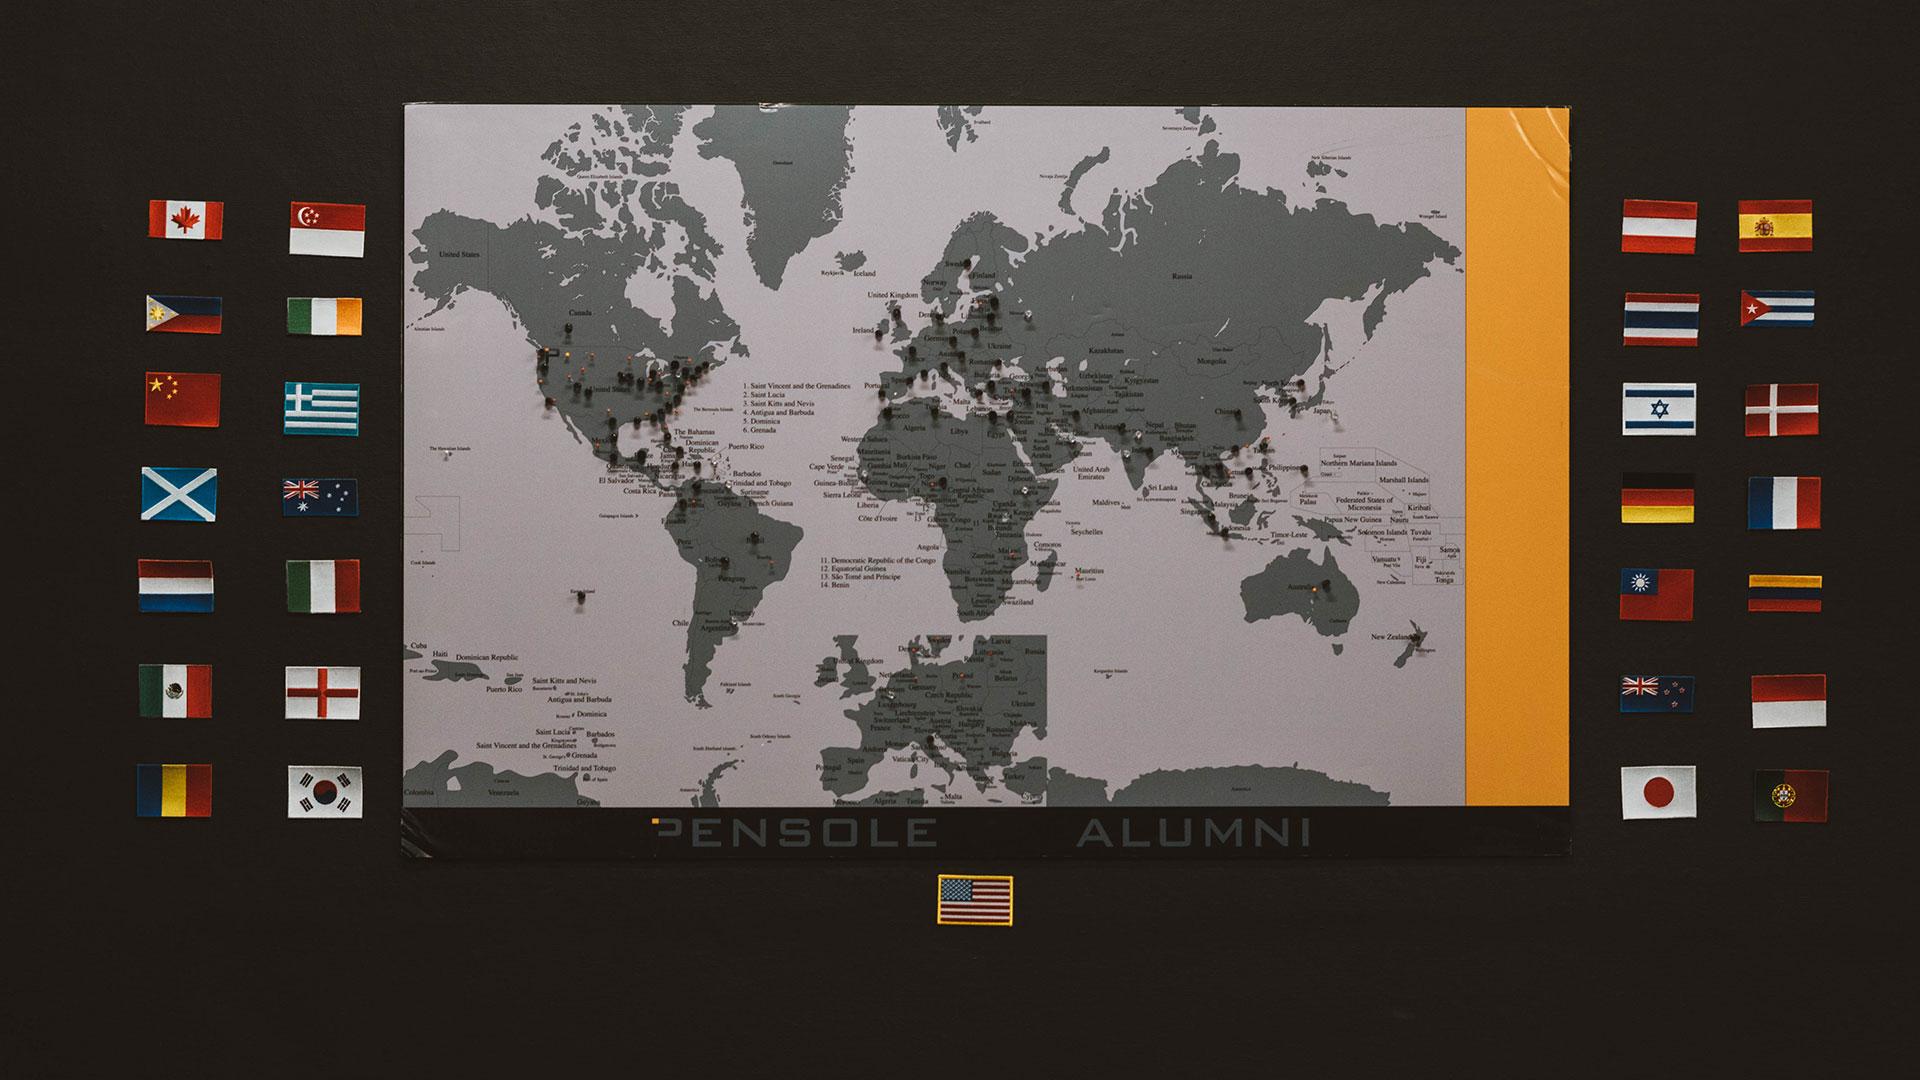 cd9dd96fb026bb Pensole Design Academy - Portland